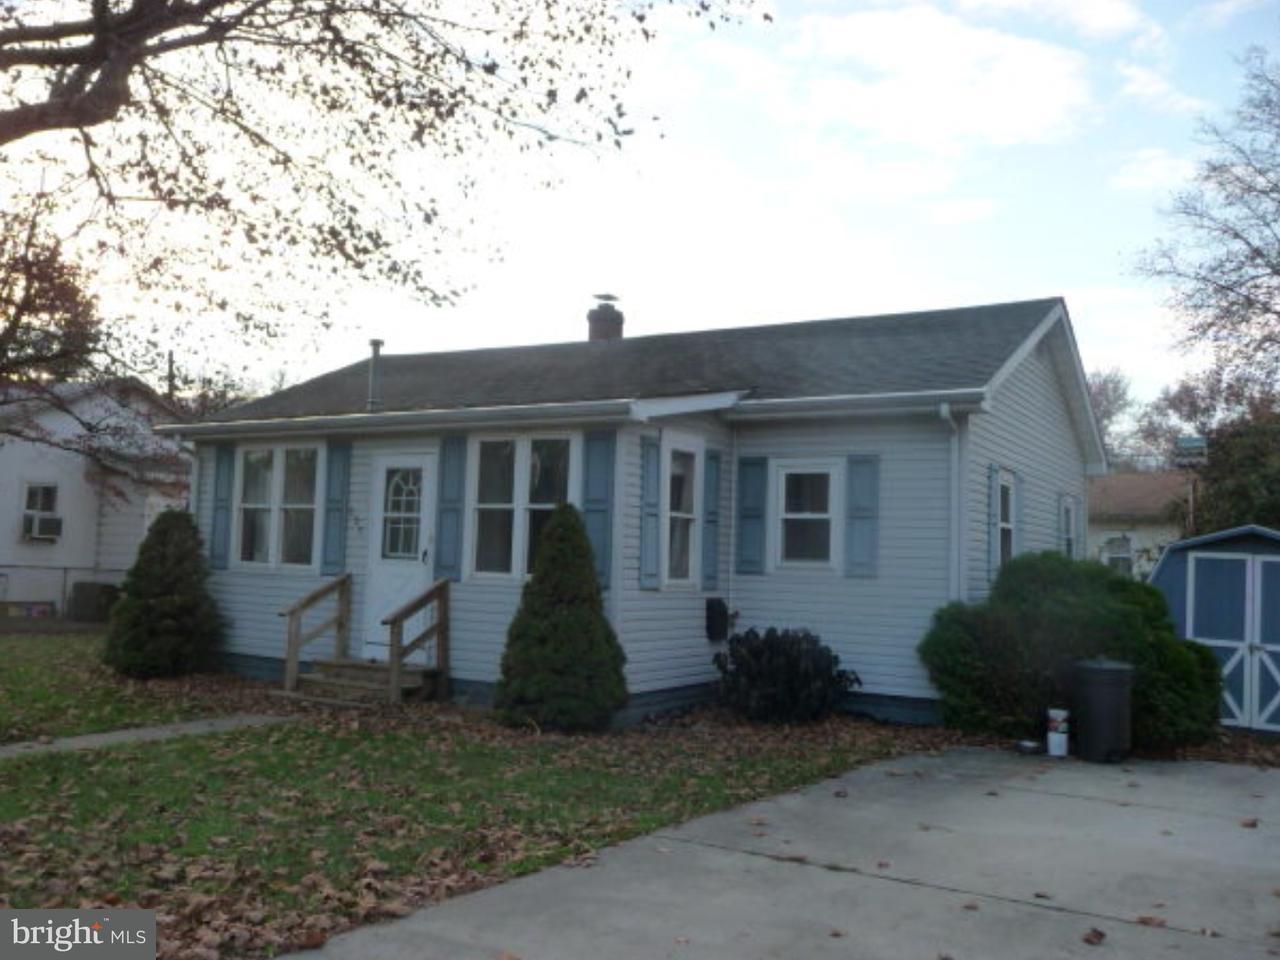 Casa Unifamiliar por un Venta en 591 N BROADWAY Deepwater, Nueva Jersey 08023 Estados Unidos